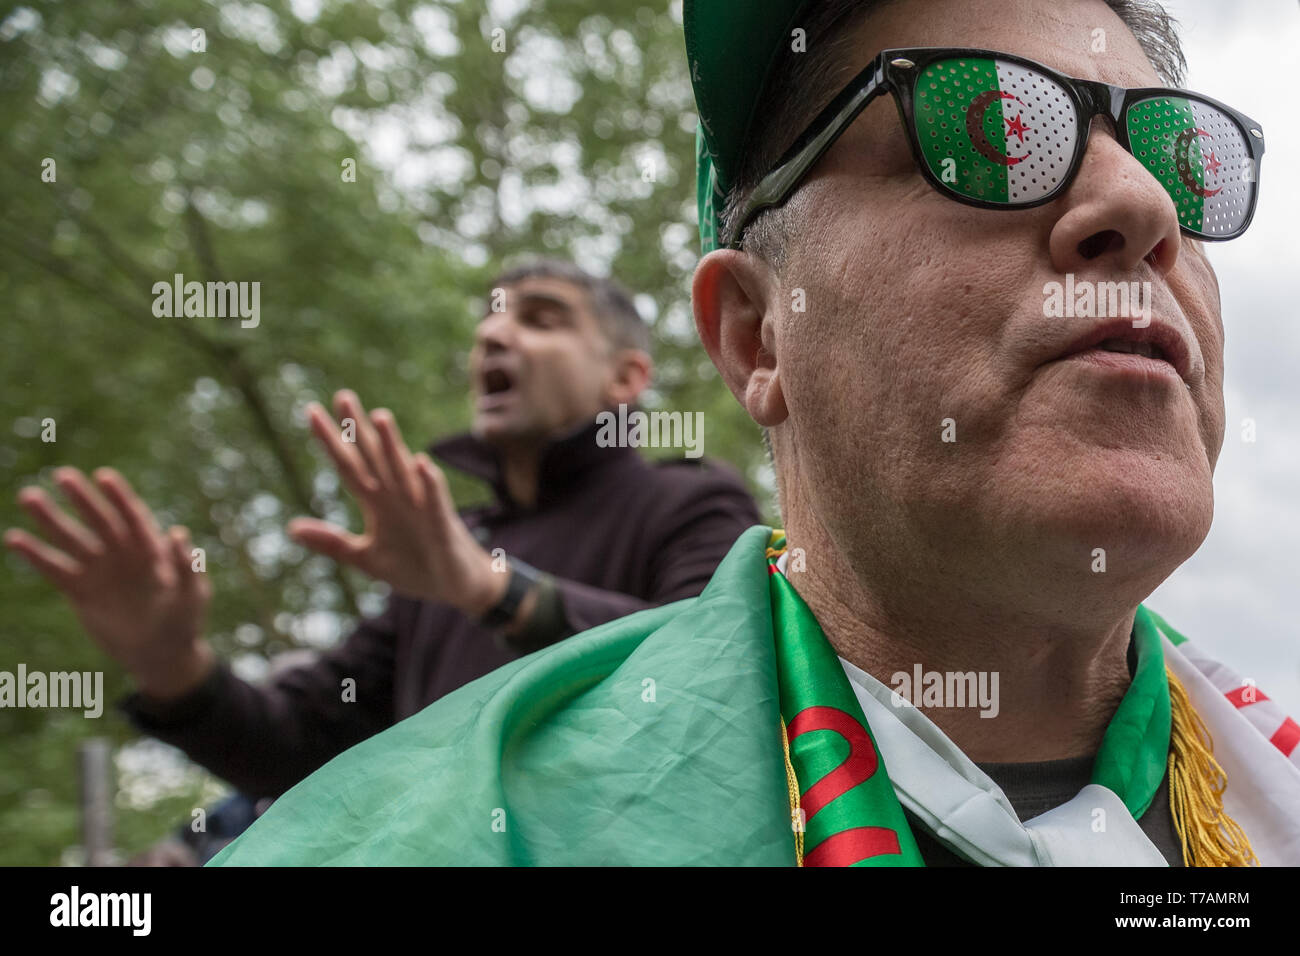 Il cambio di regime in Algeria è discussa a Speakers' Corner, il parlare in pubblico area di Hyde Park di Londra, Regno Unito. Immagini Stock